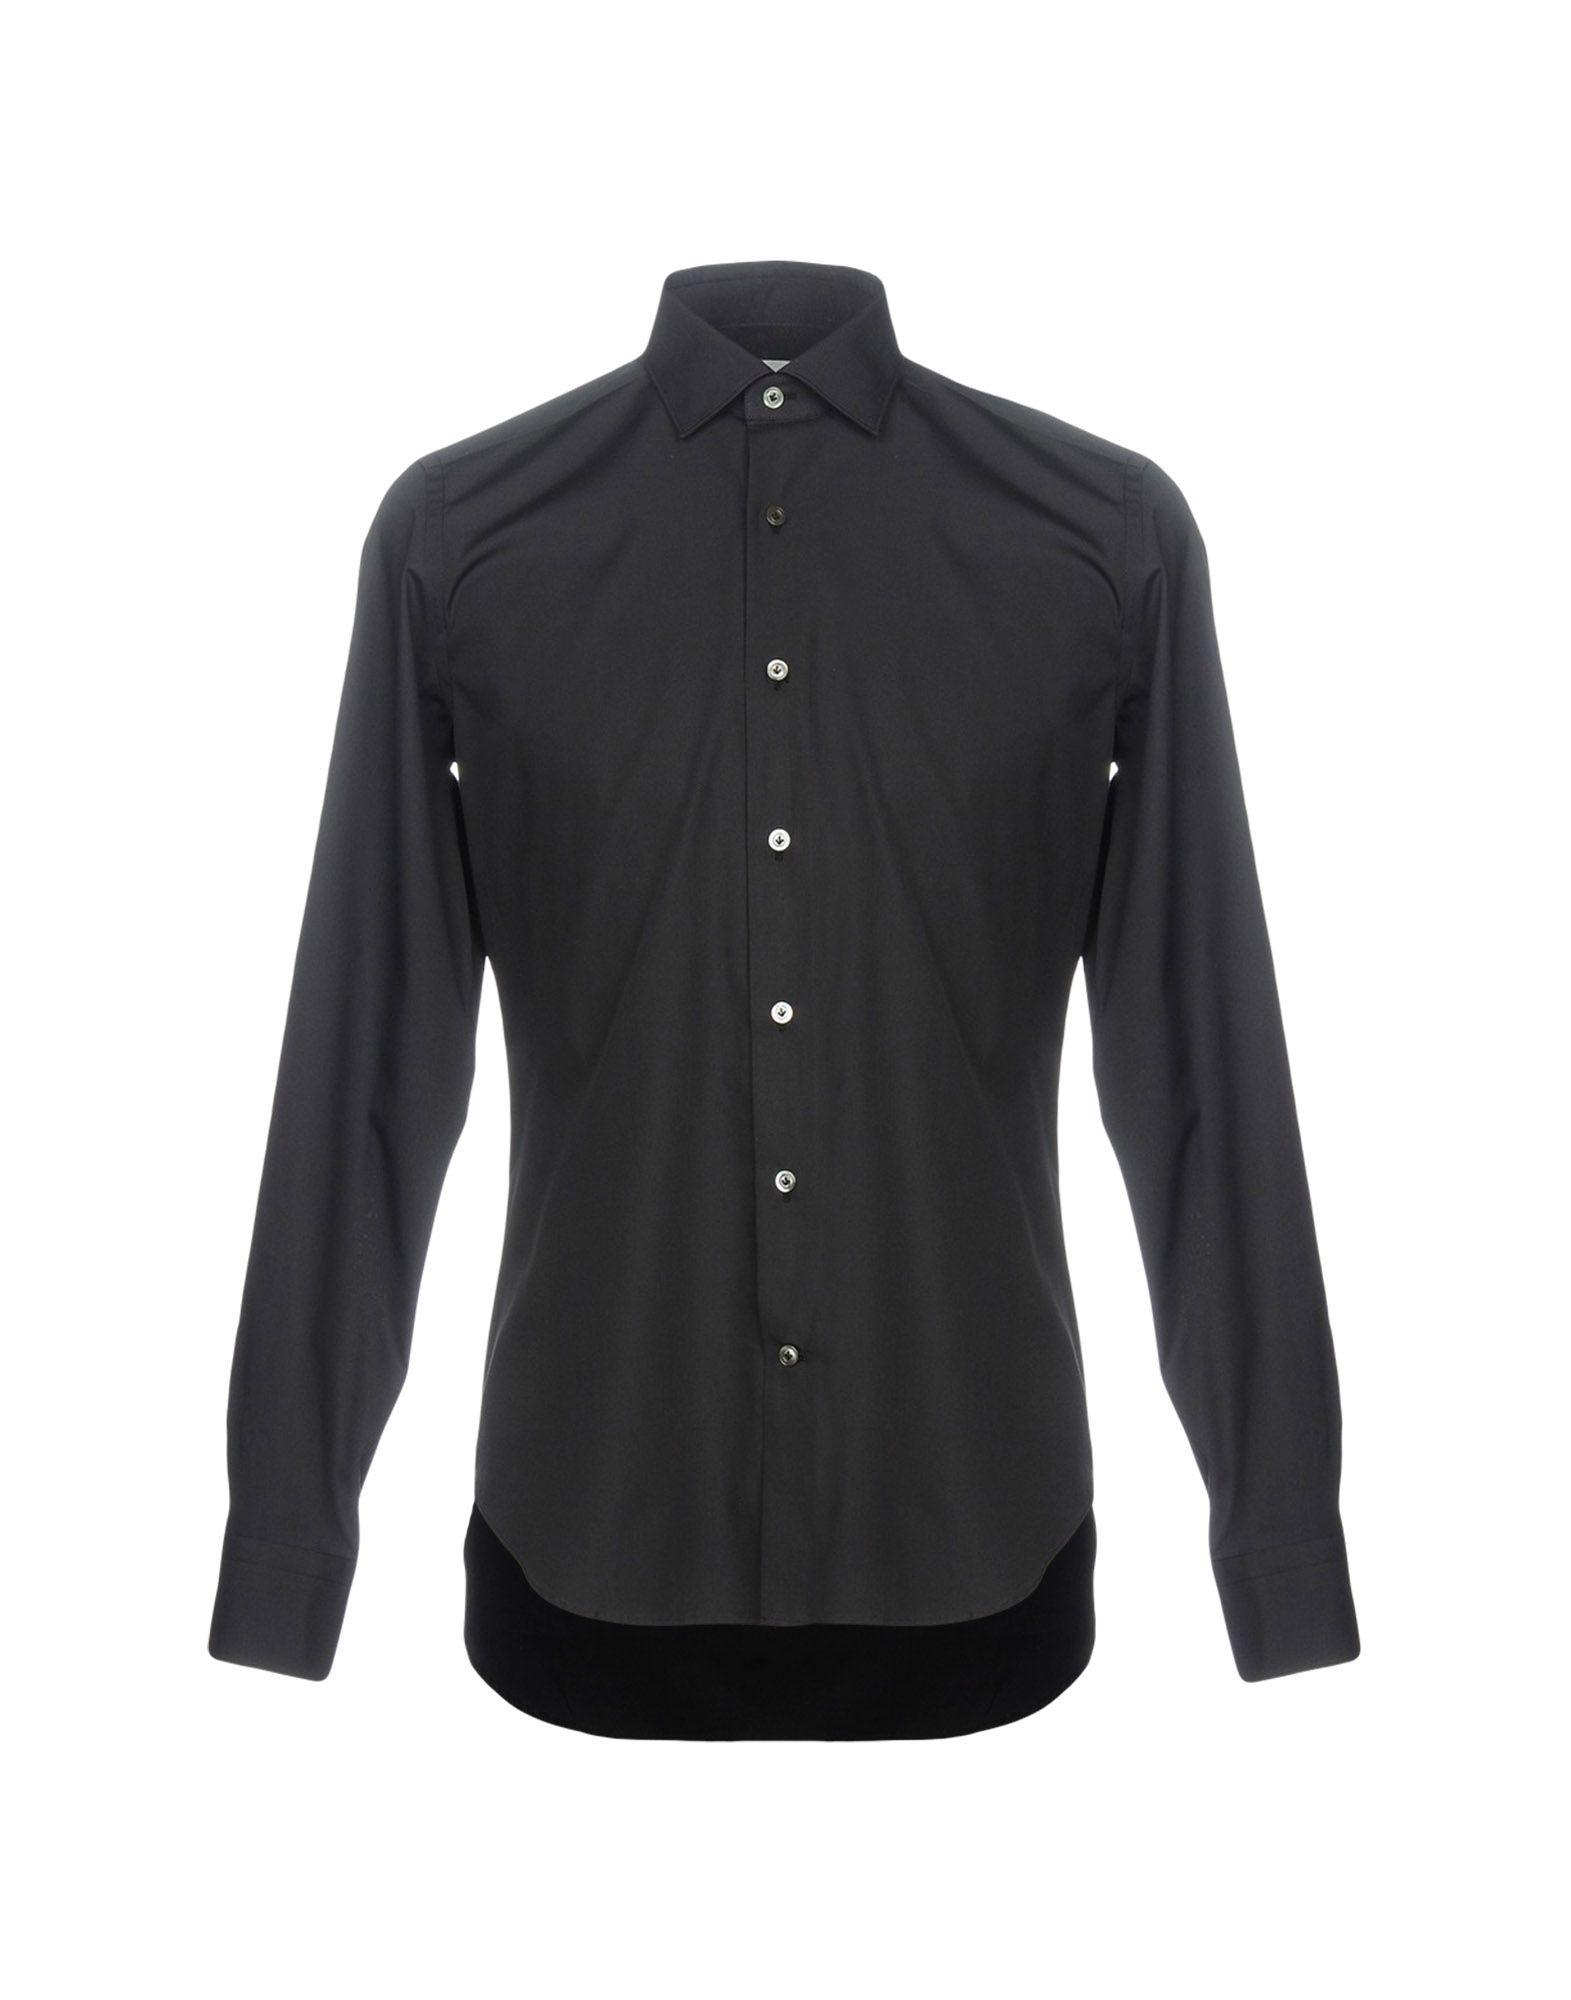 《送料無料》MASTAI FERRETTI メンズ シャツ ブラック 41 コットン 100%